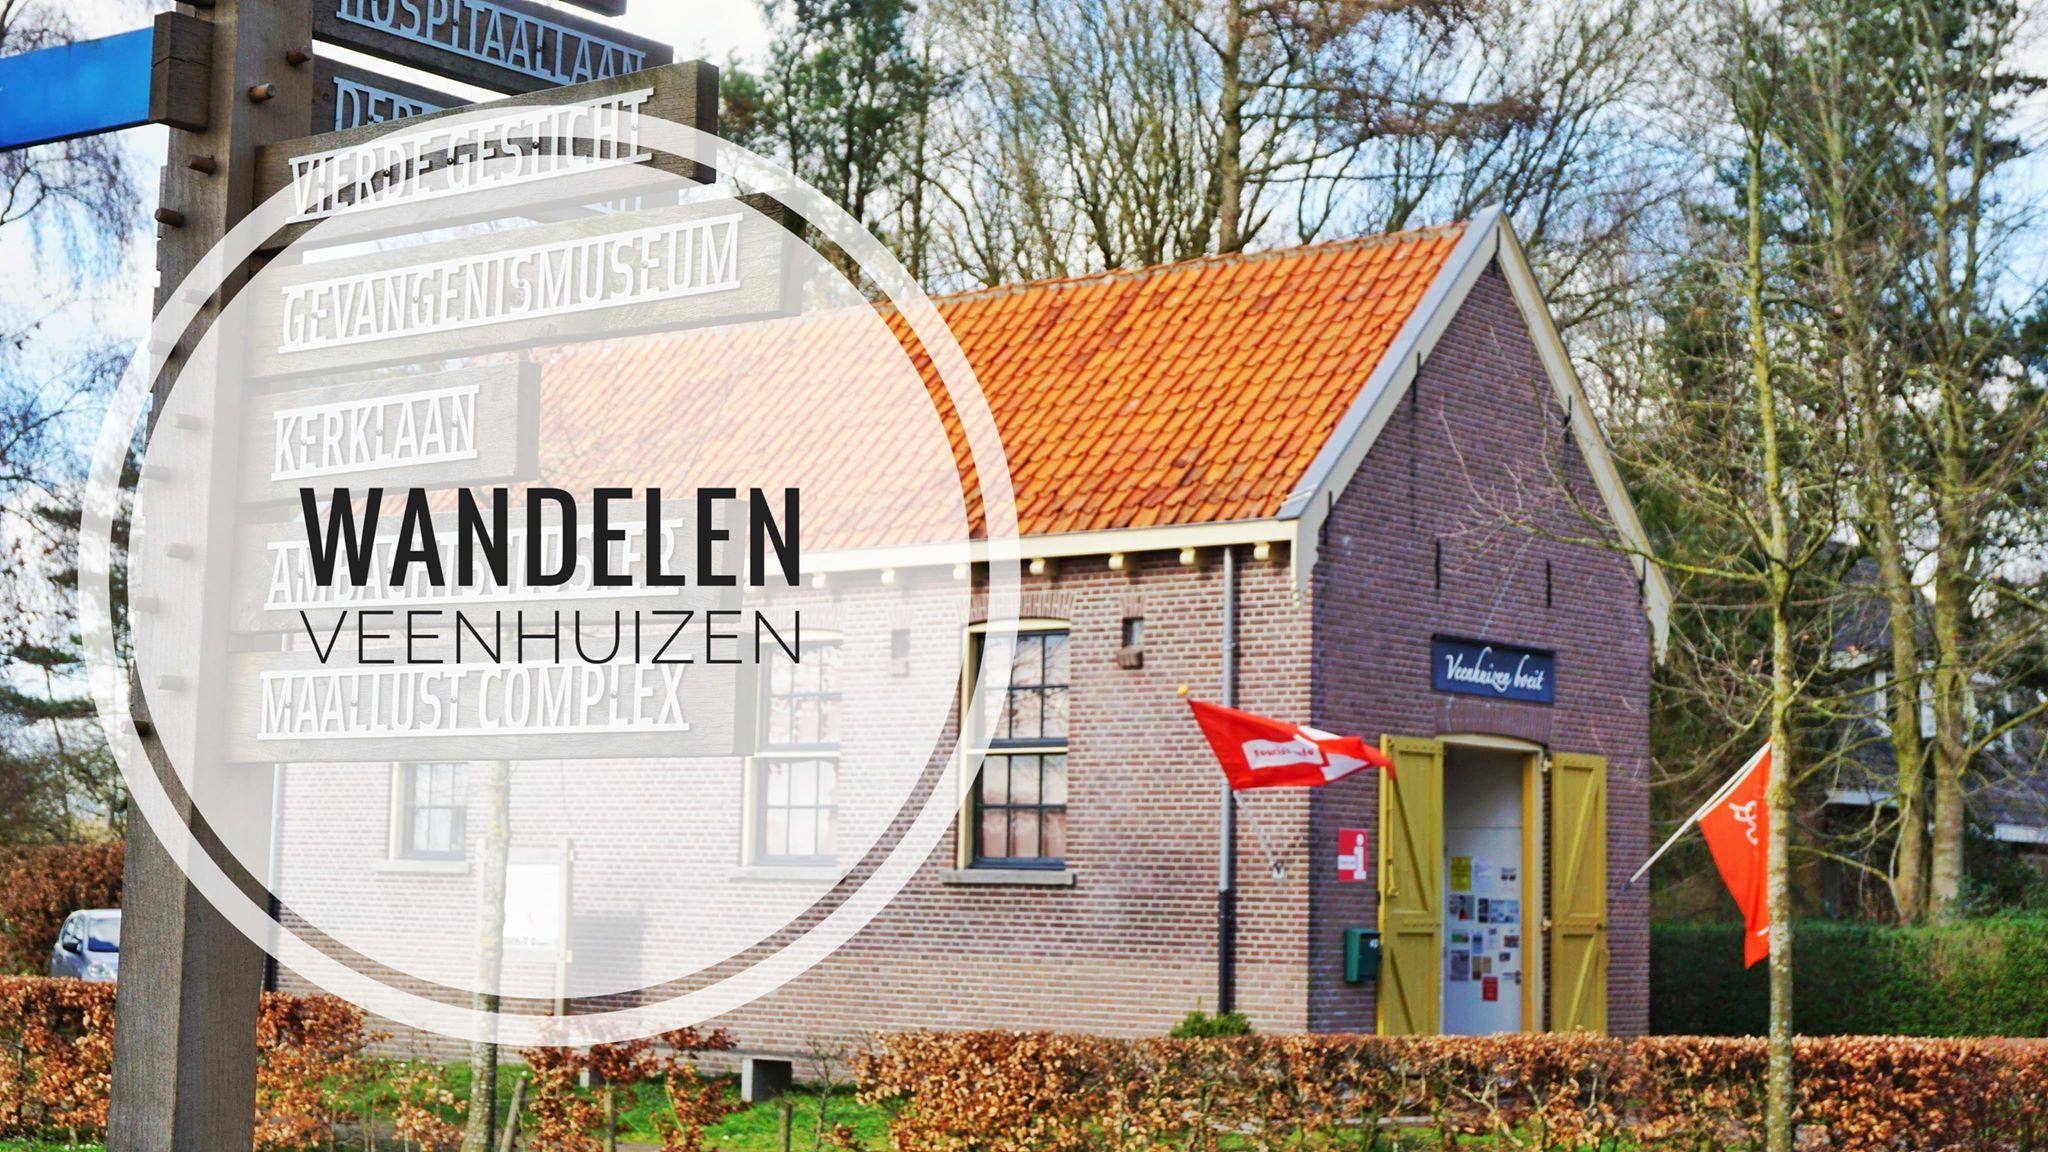 Wandelen door Veenhuizen